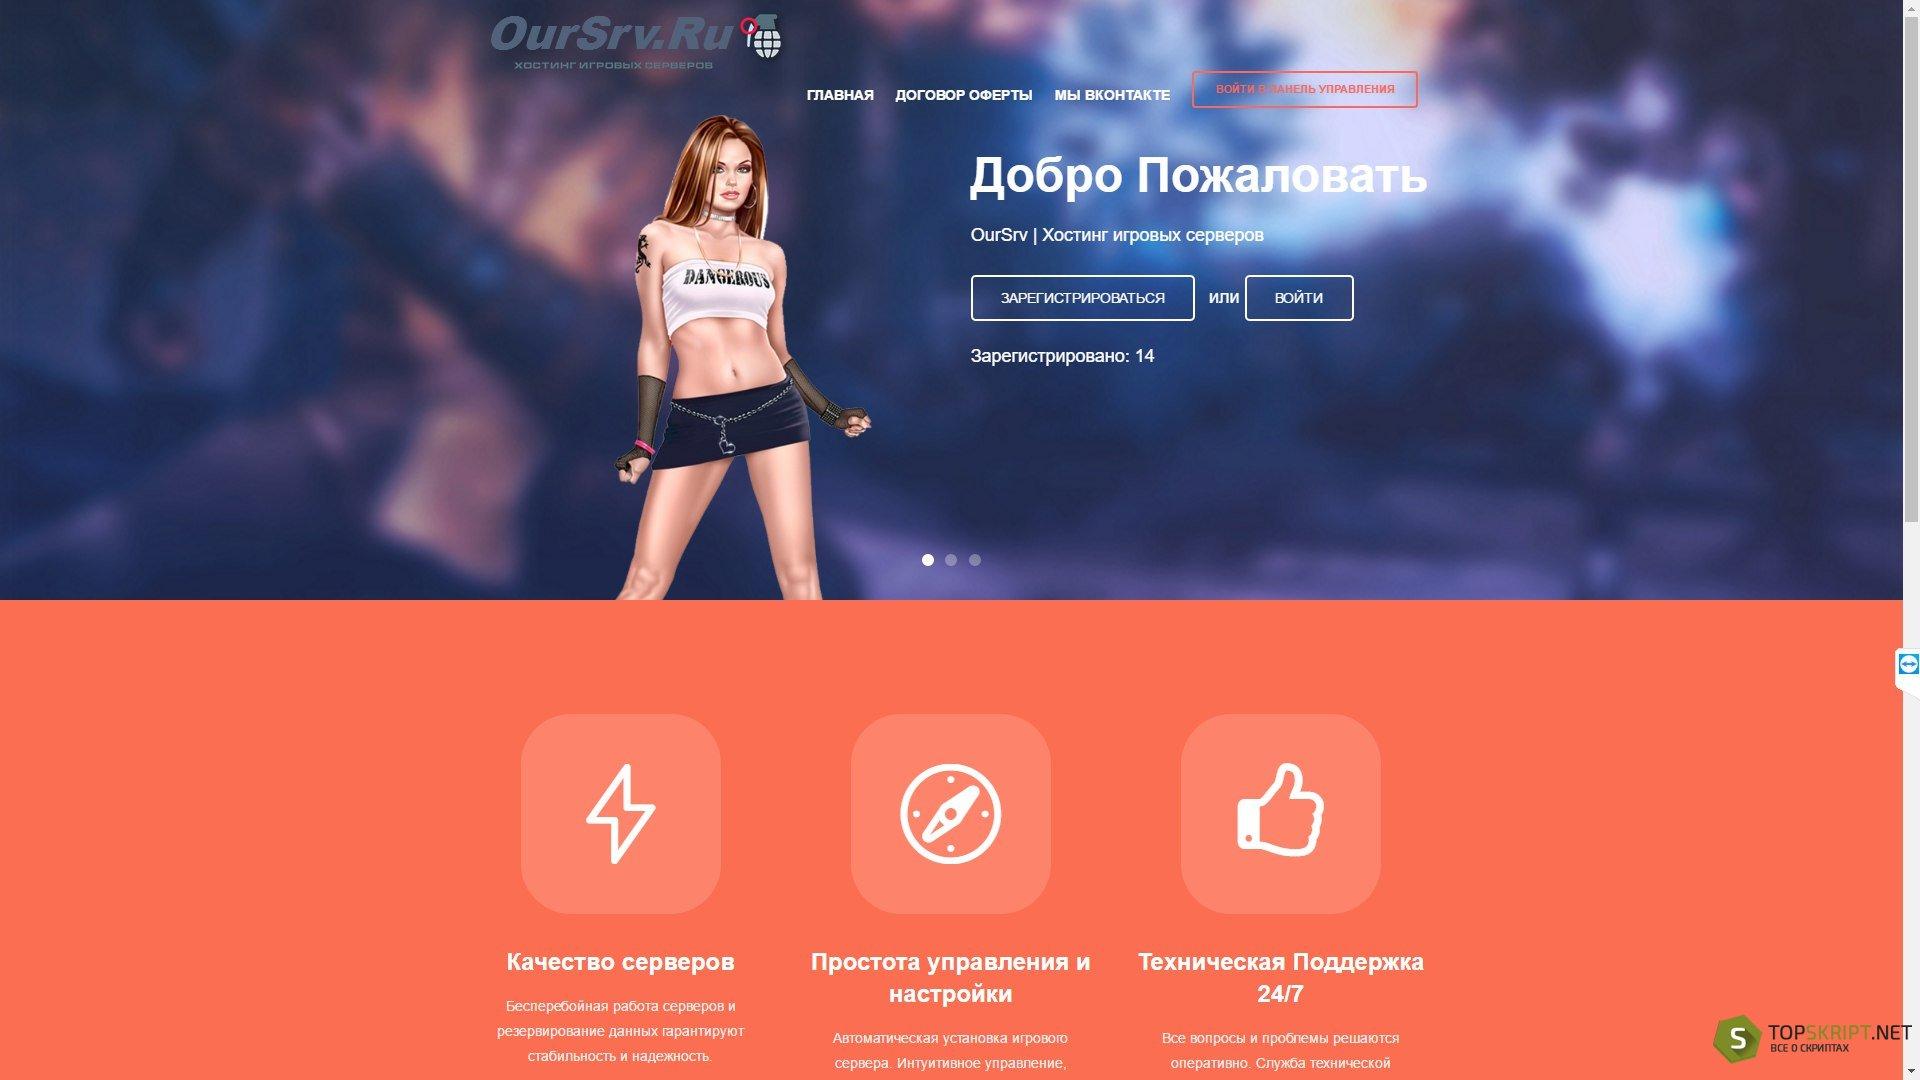 Шаблон хостинга серверов для ucoz выбрать хостинг для сайта по отзывам